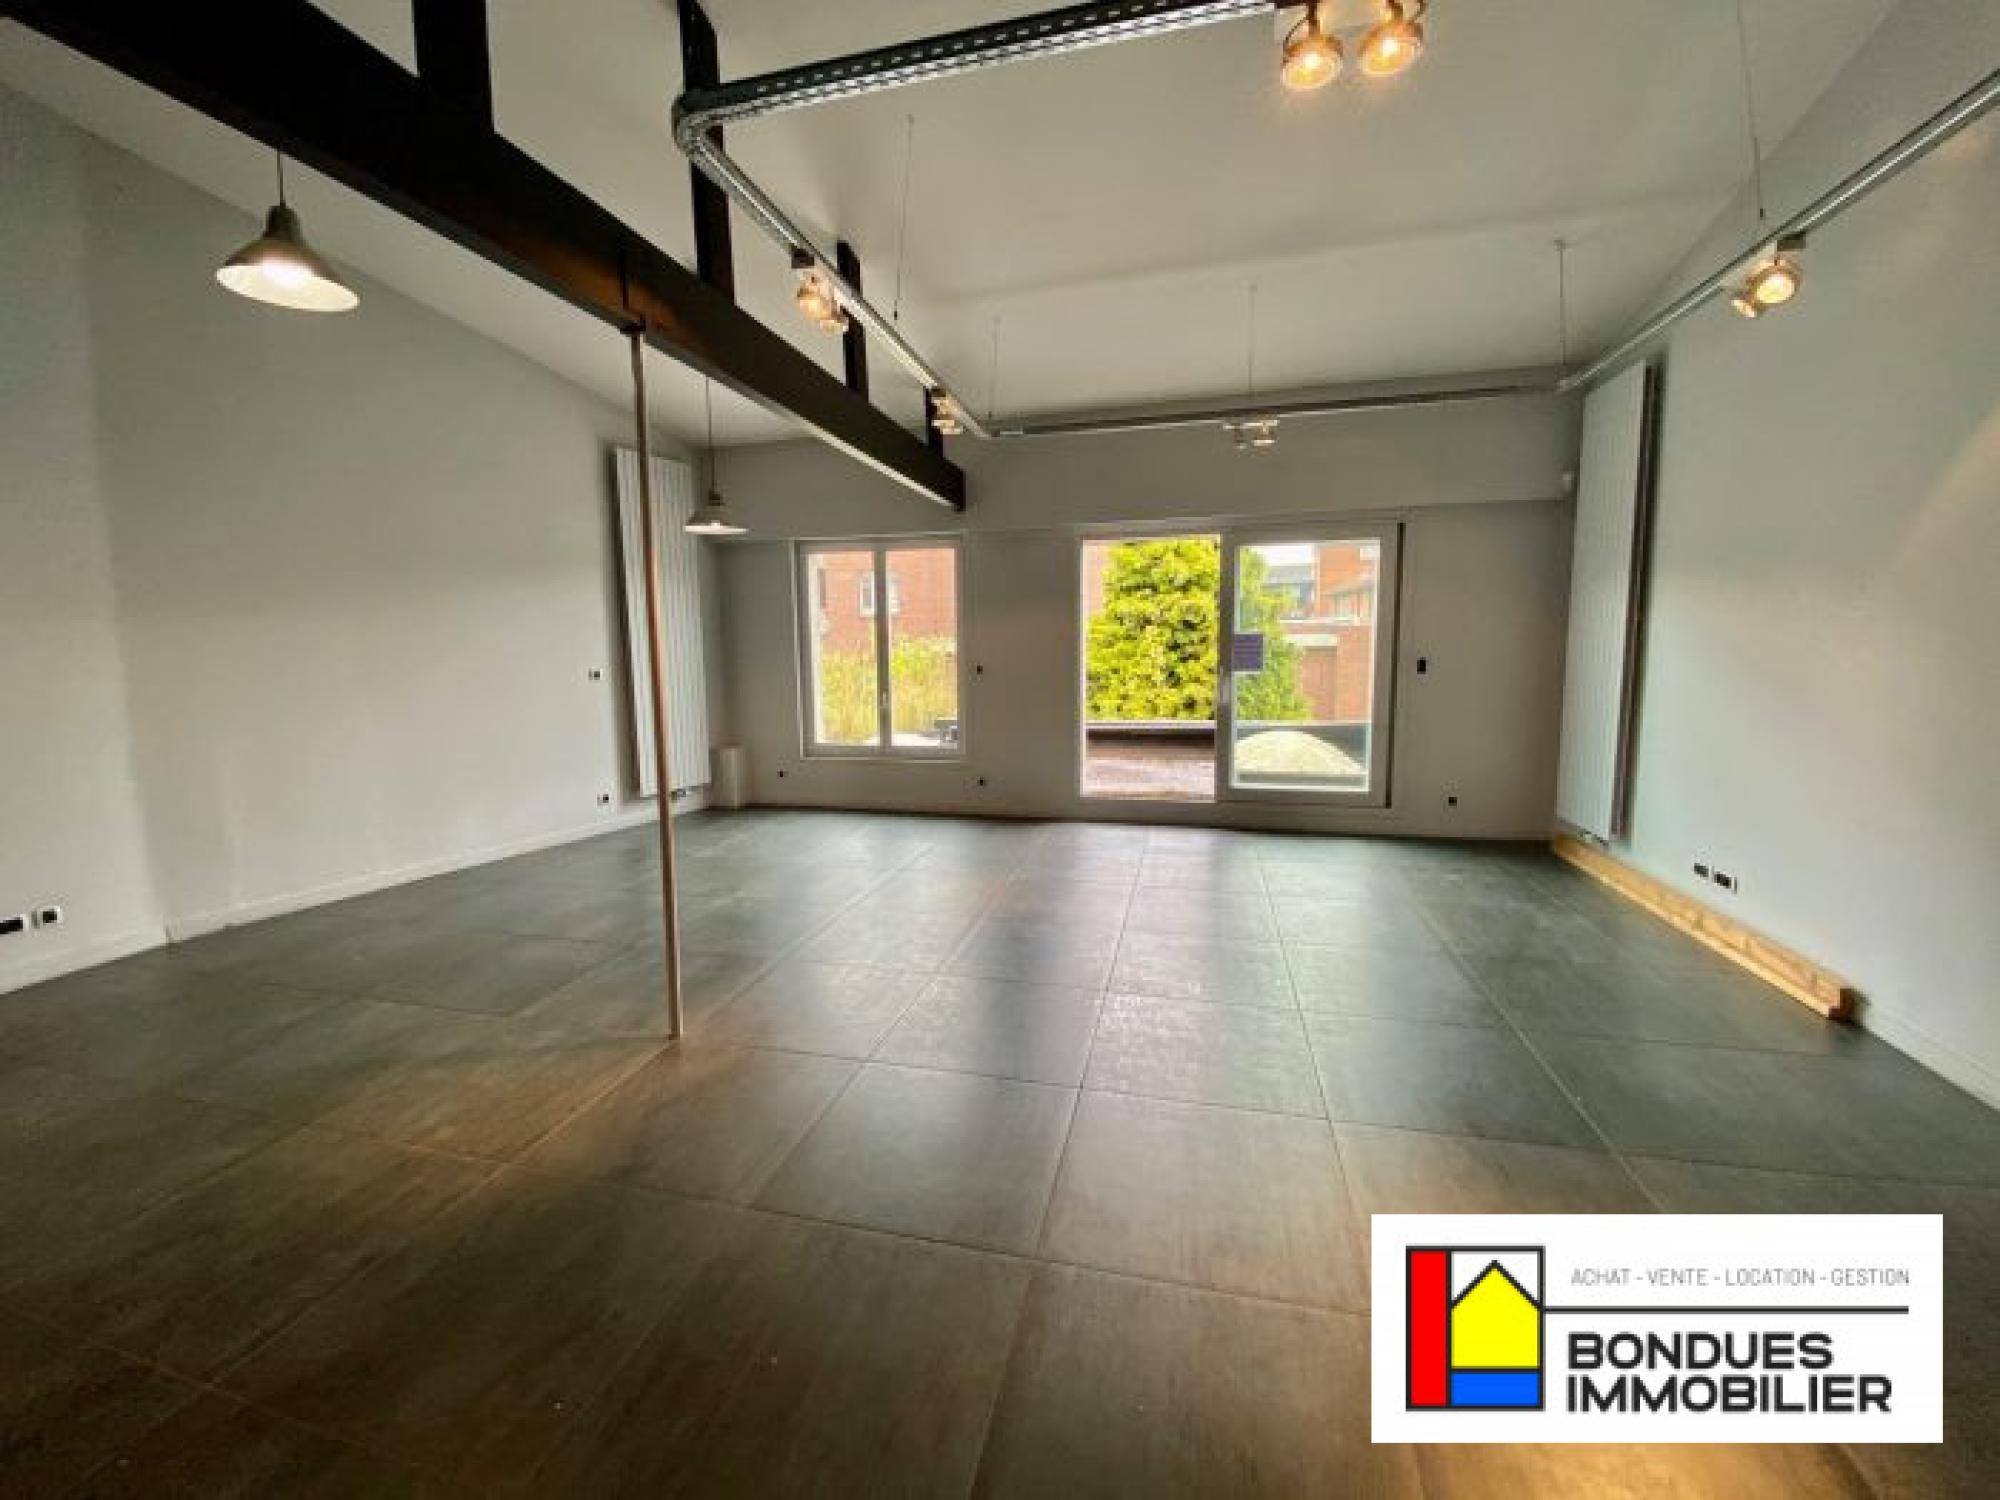 vente maison marcq en barœul refVM276 (1)